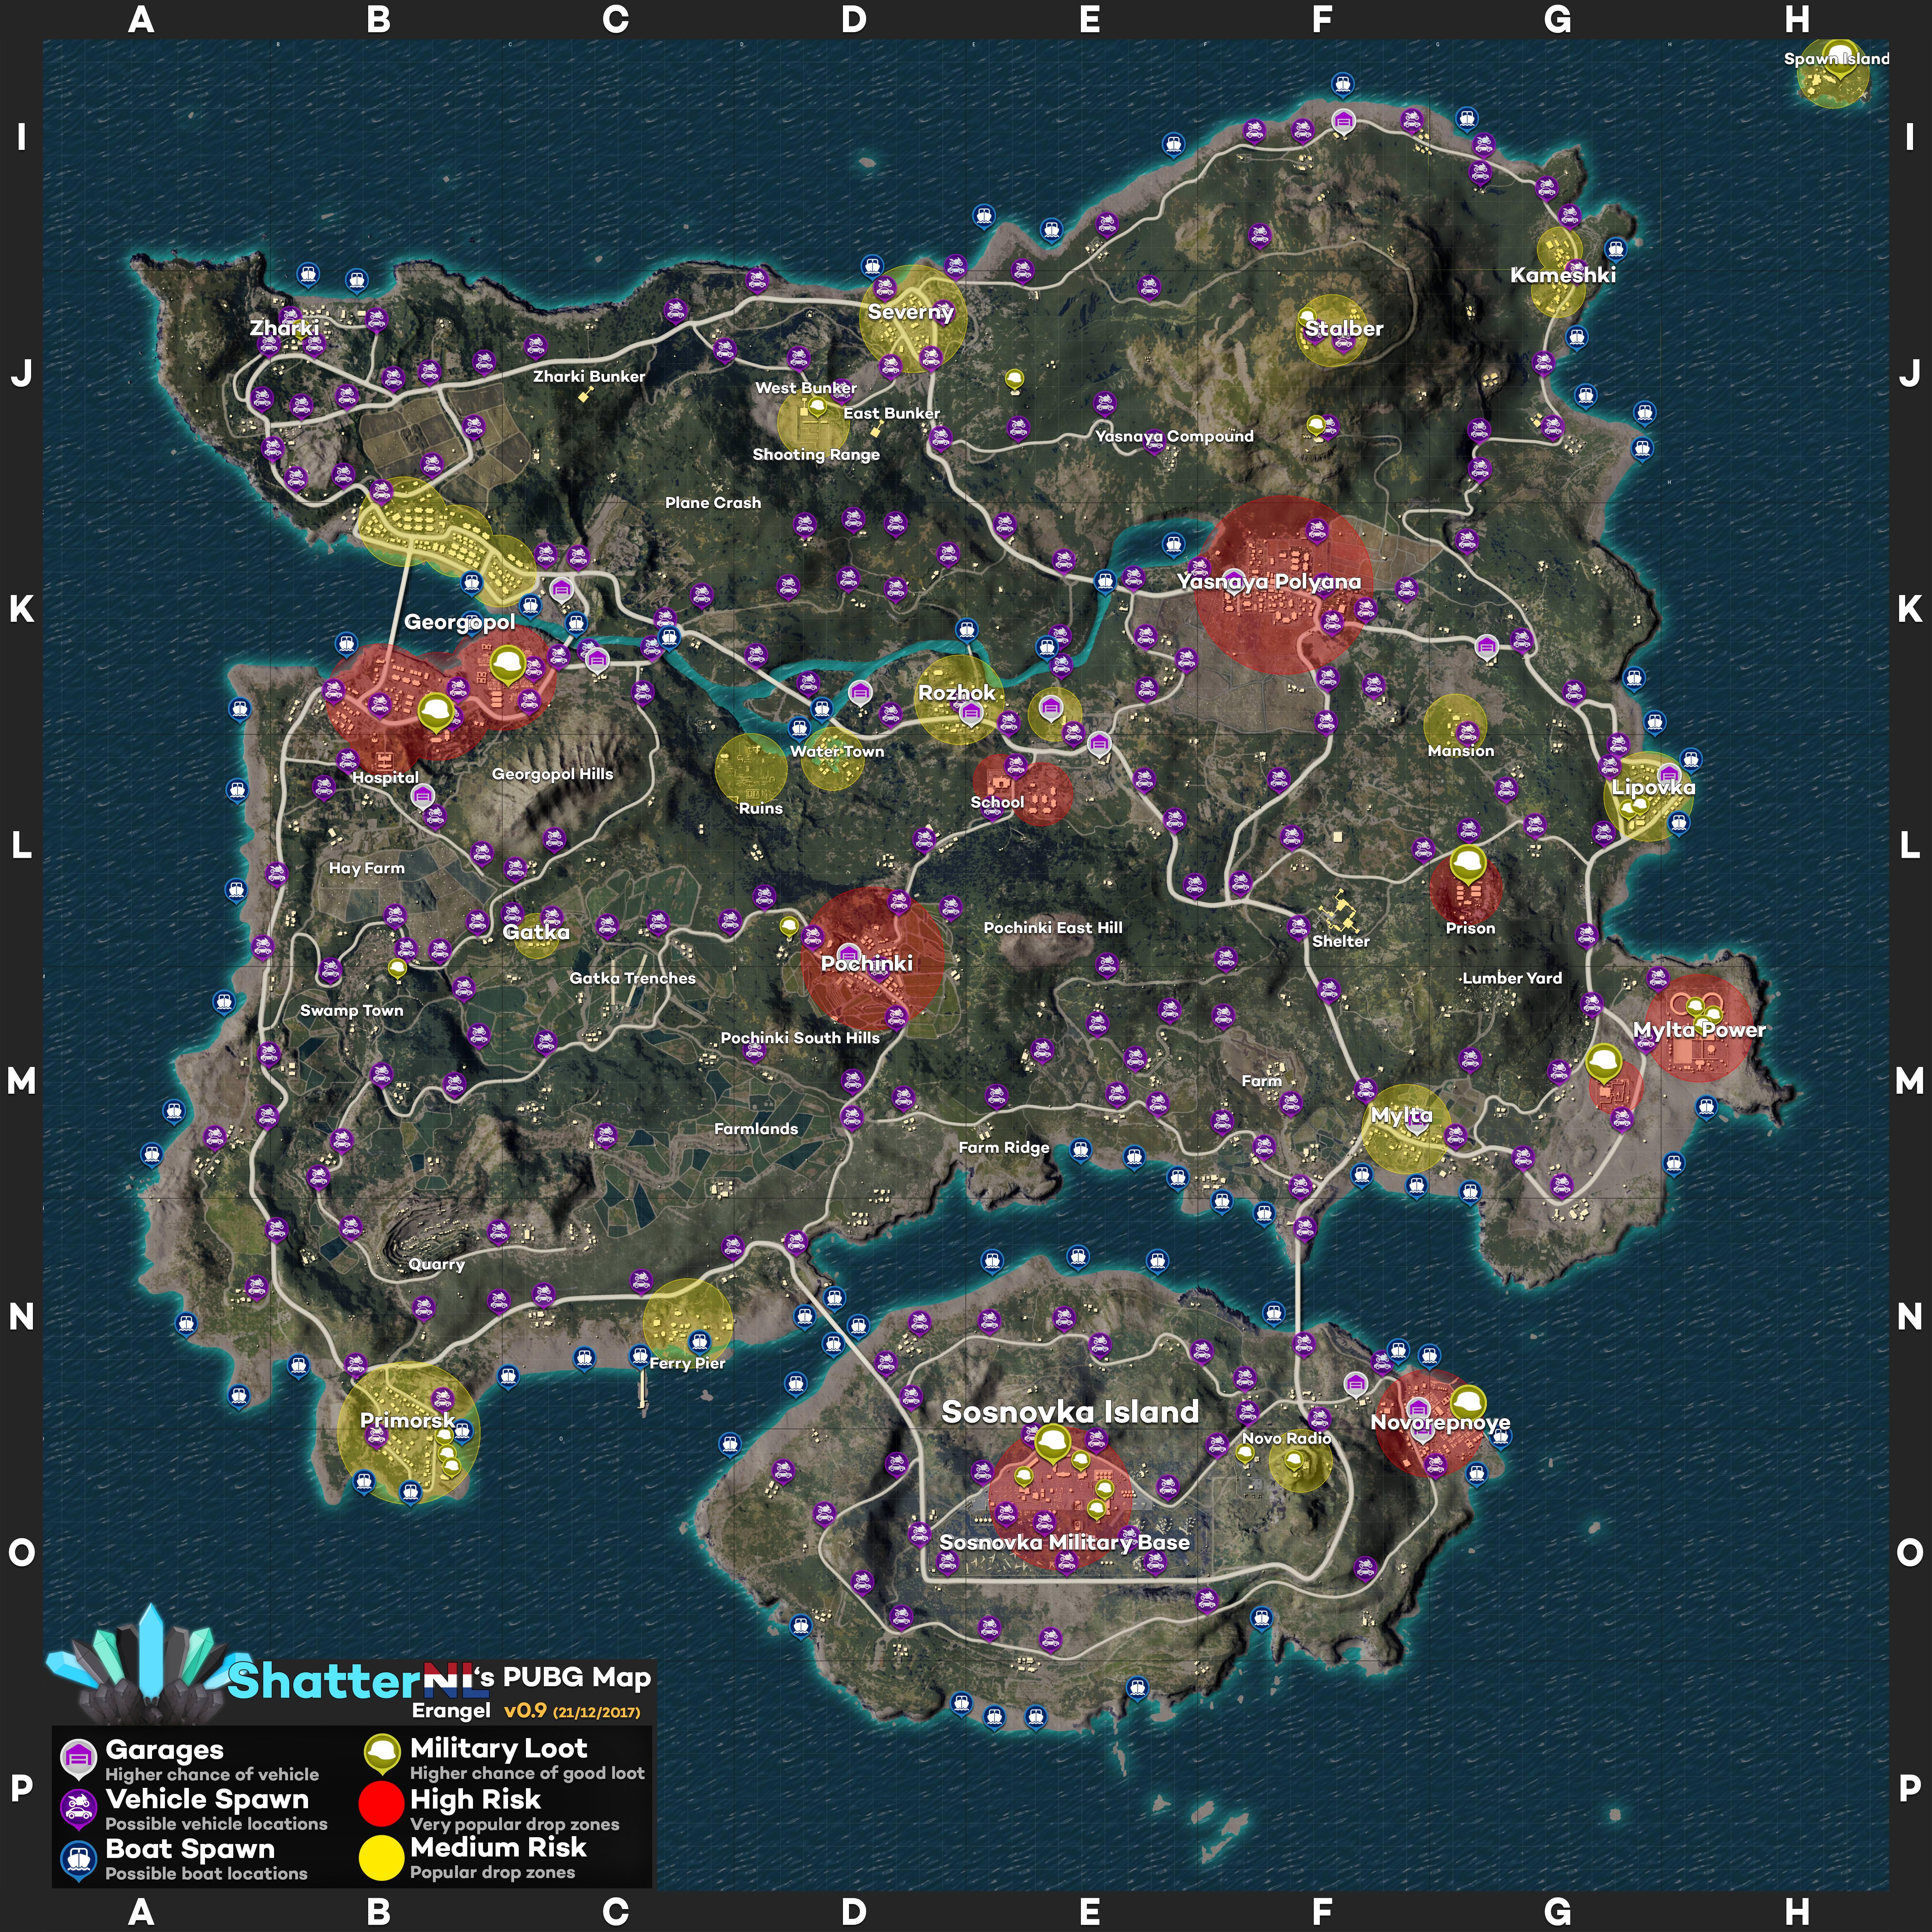 PLAYERUNKNOWNu0027S BATTLEGROUNDS Erangel Loot Map